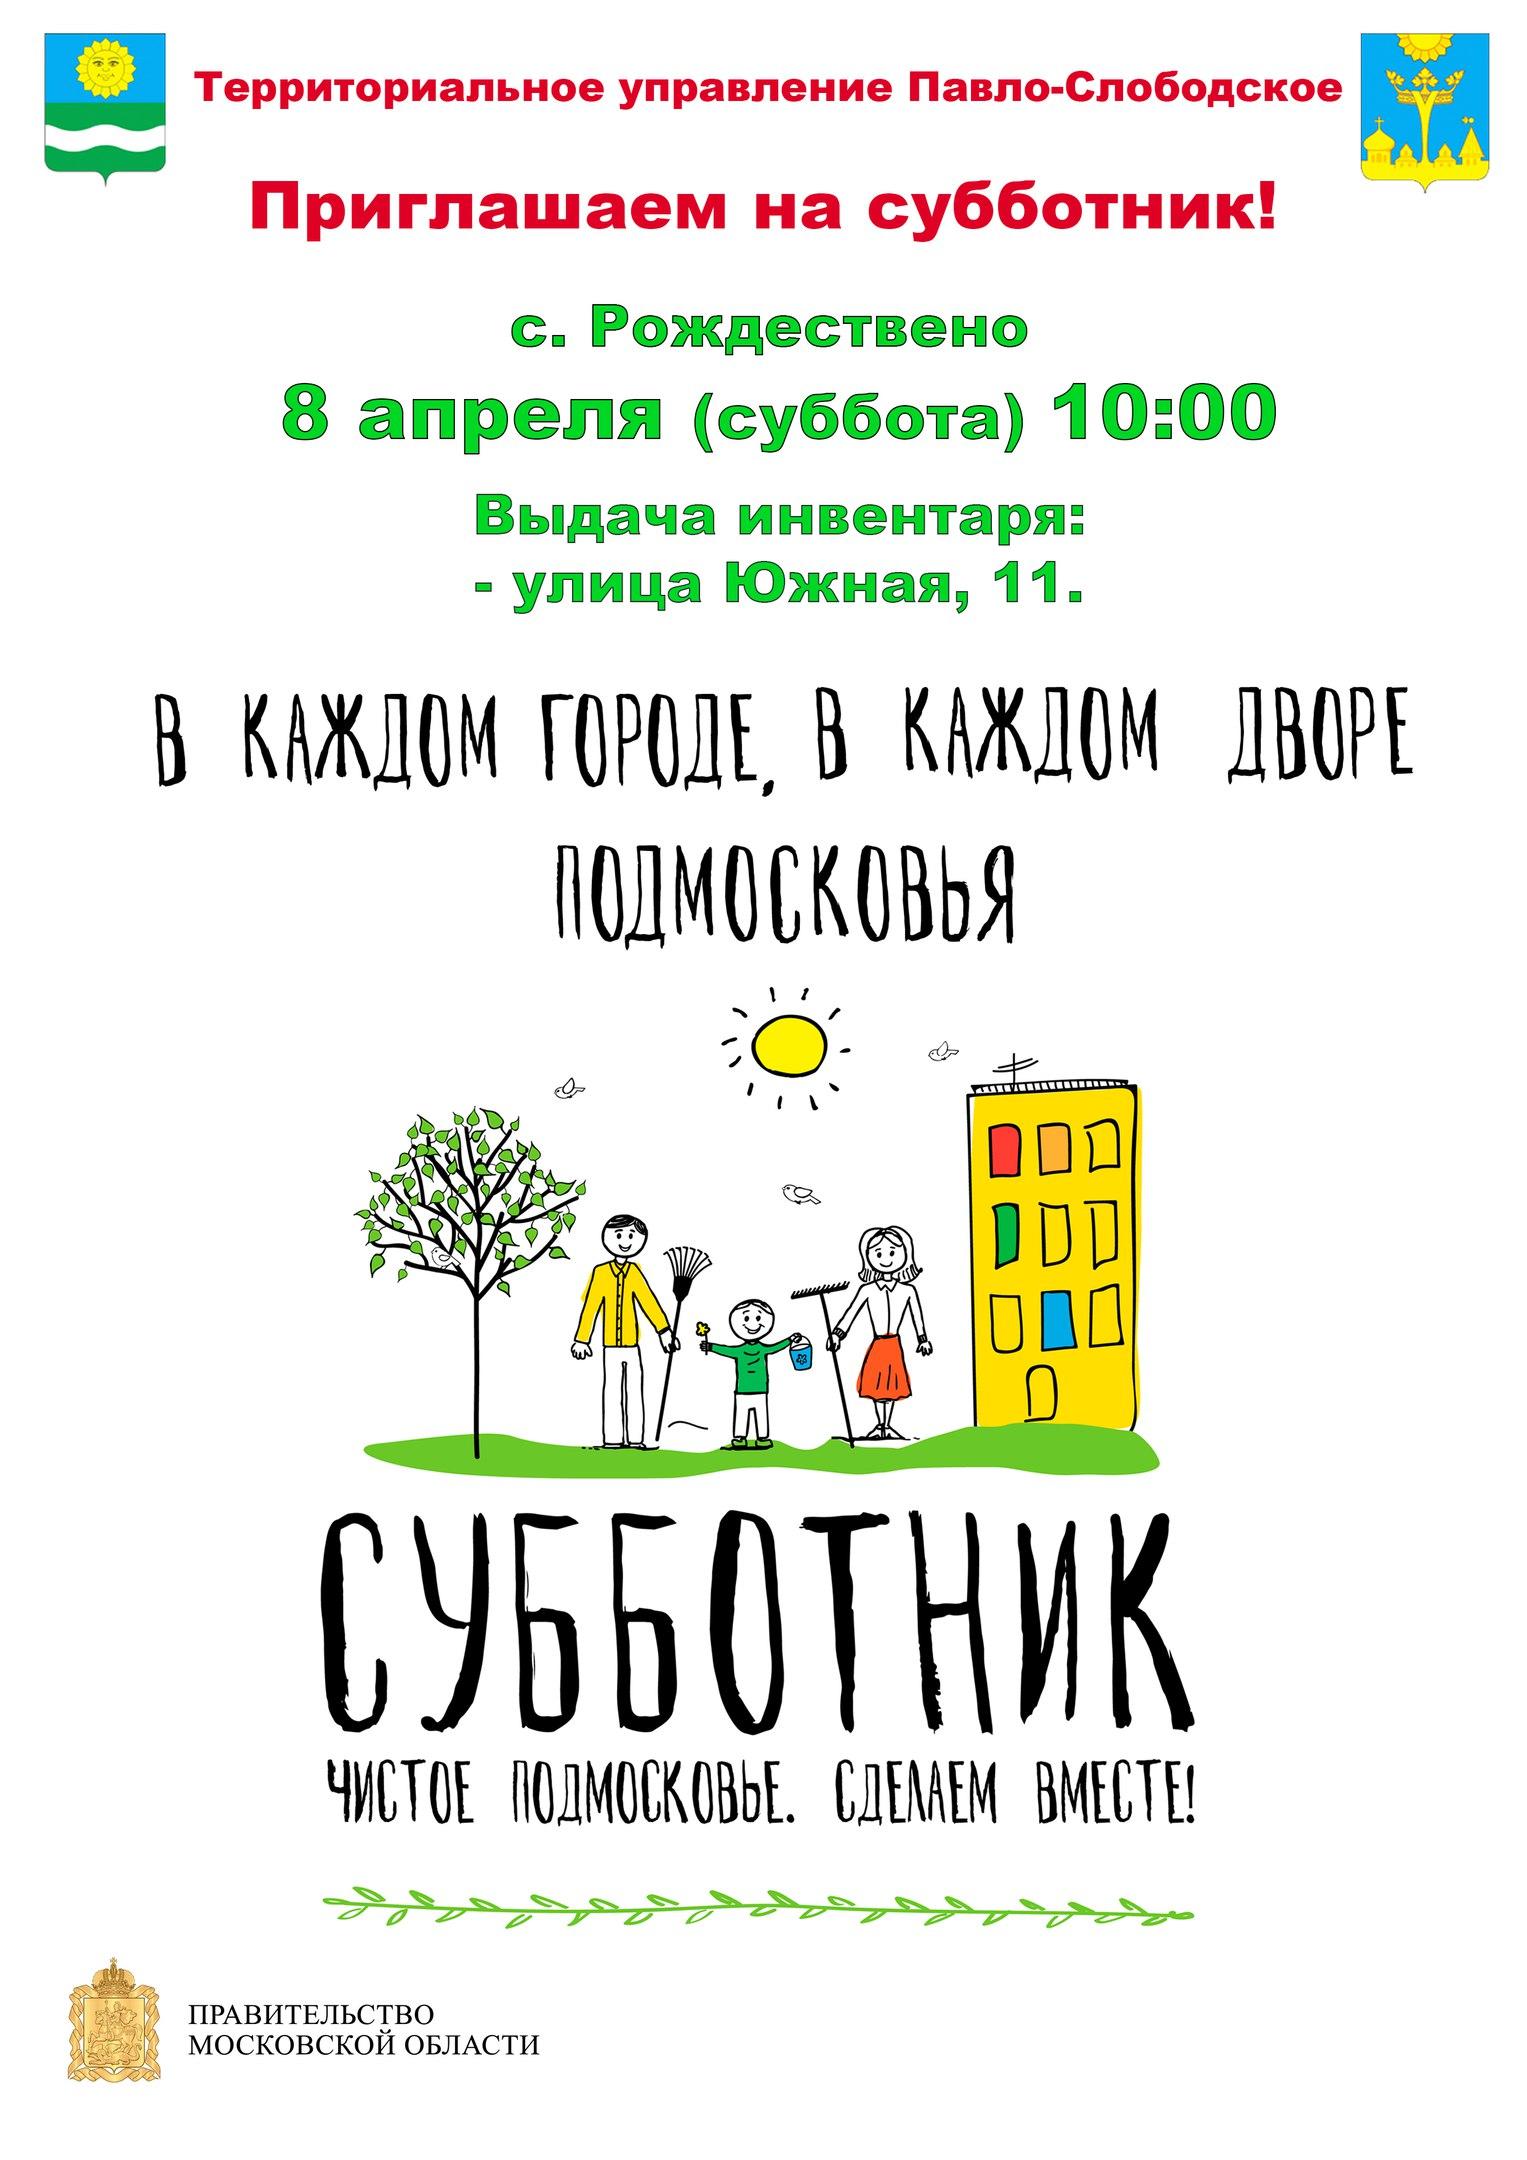 Субботник в Рождествено 8 апреля 2017